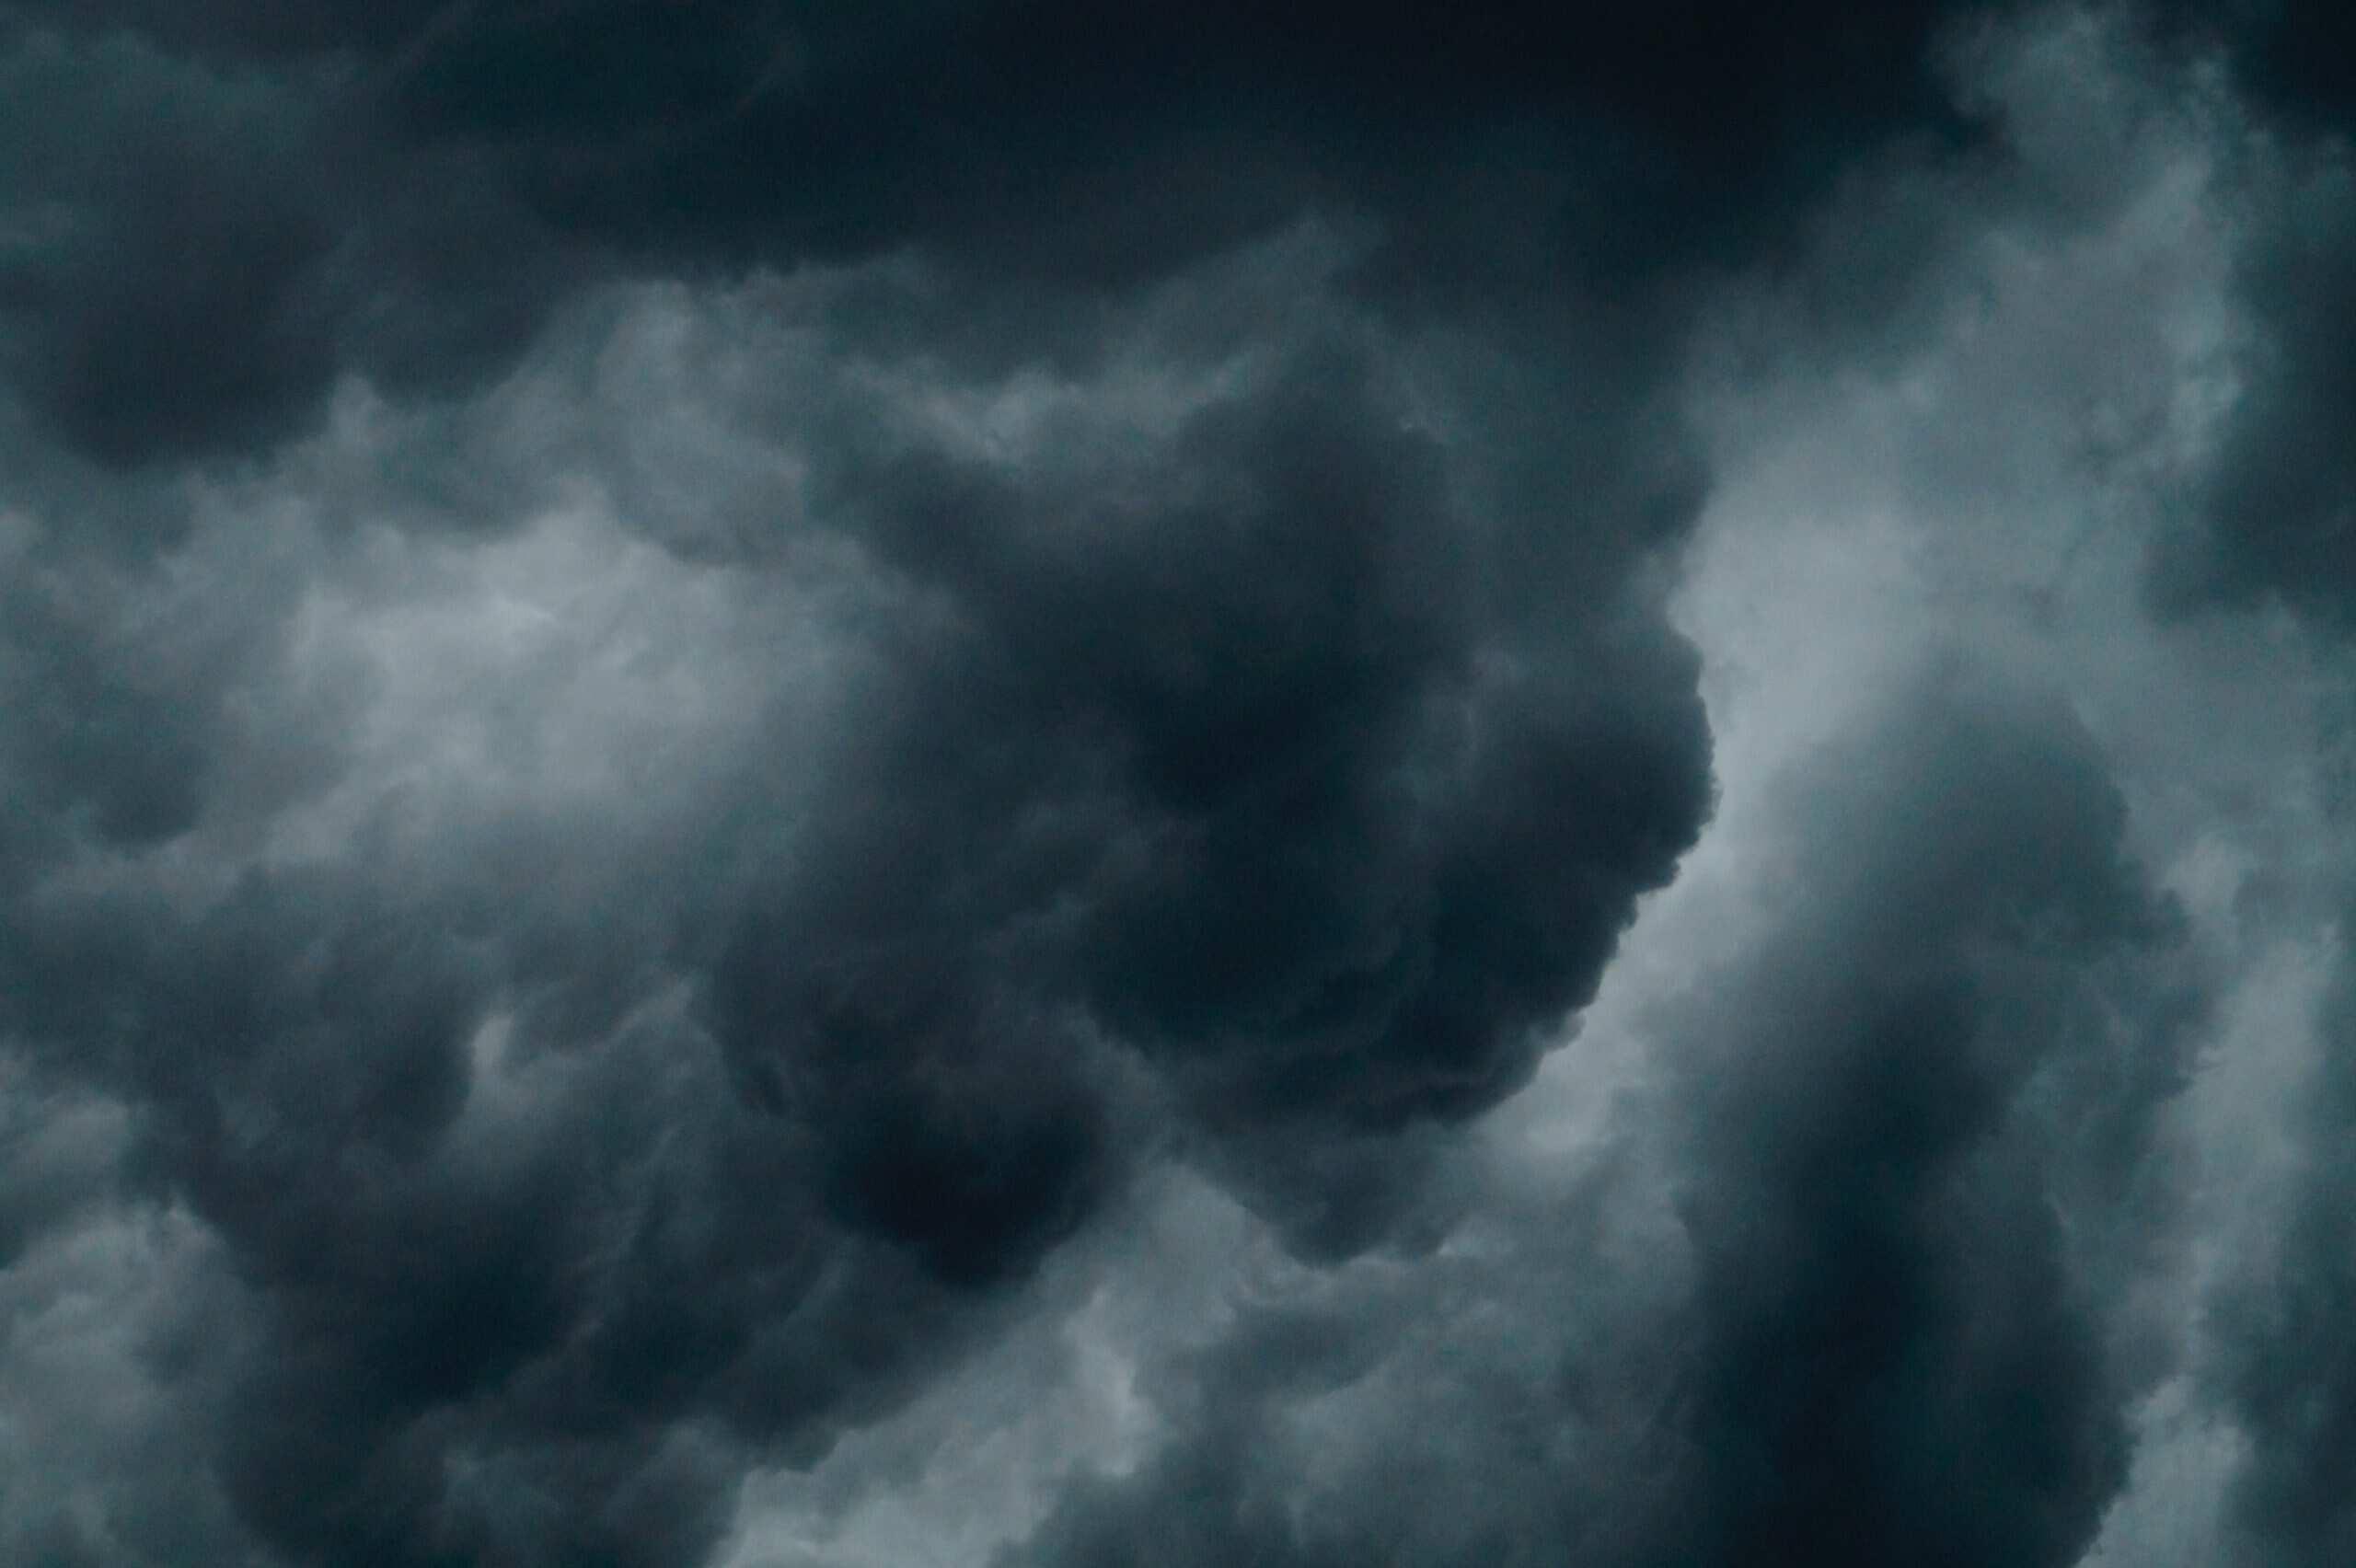 กระกาศจากกรมอุตุ ประเทศไทยเตรียมรับมือพายุฤดูร้อน